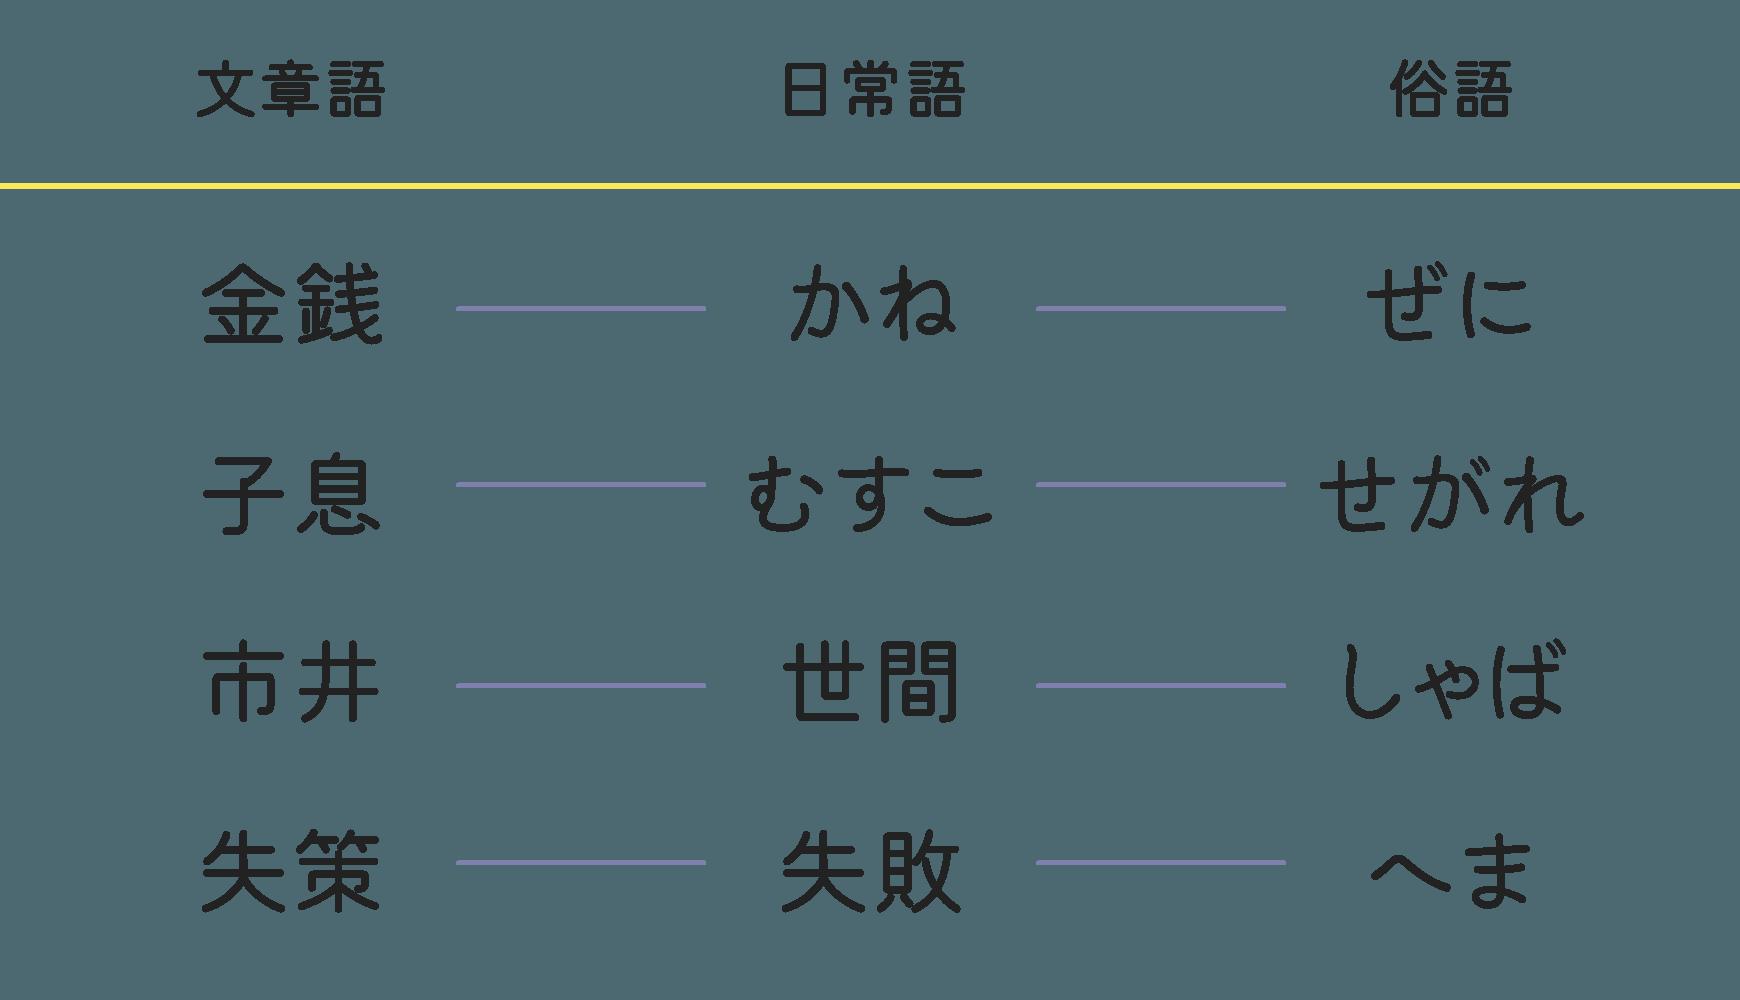 もじワク研究 | マメロン Hi Regular | オリジナル日本語フォント